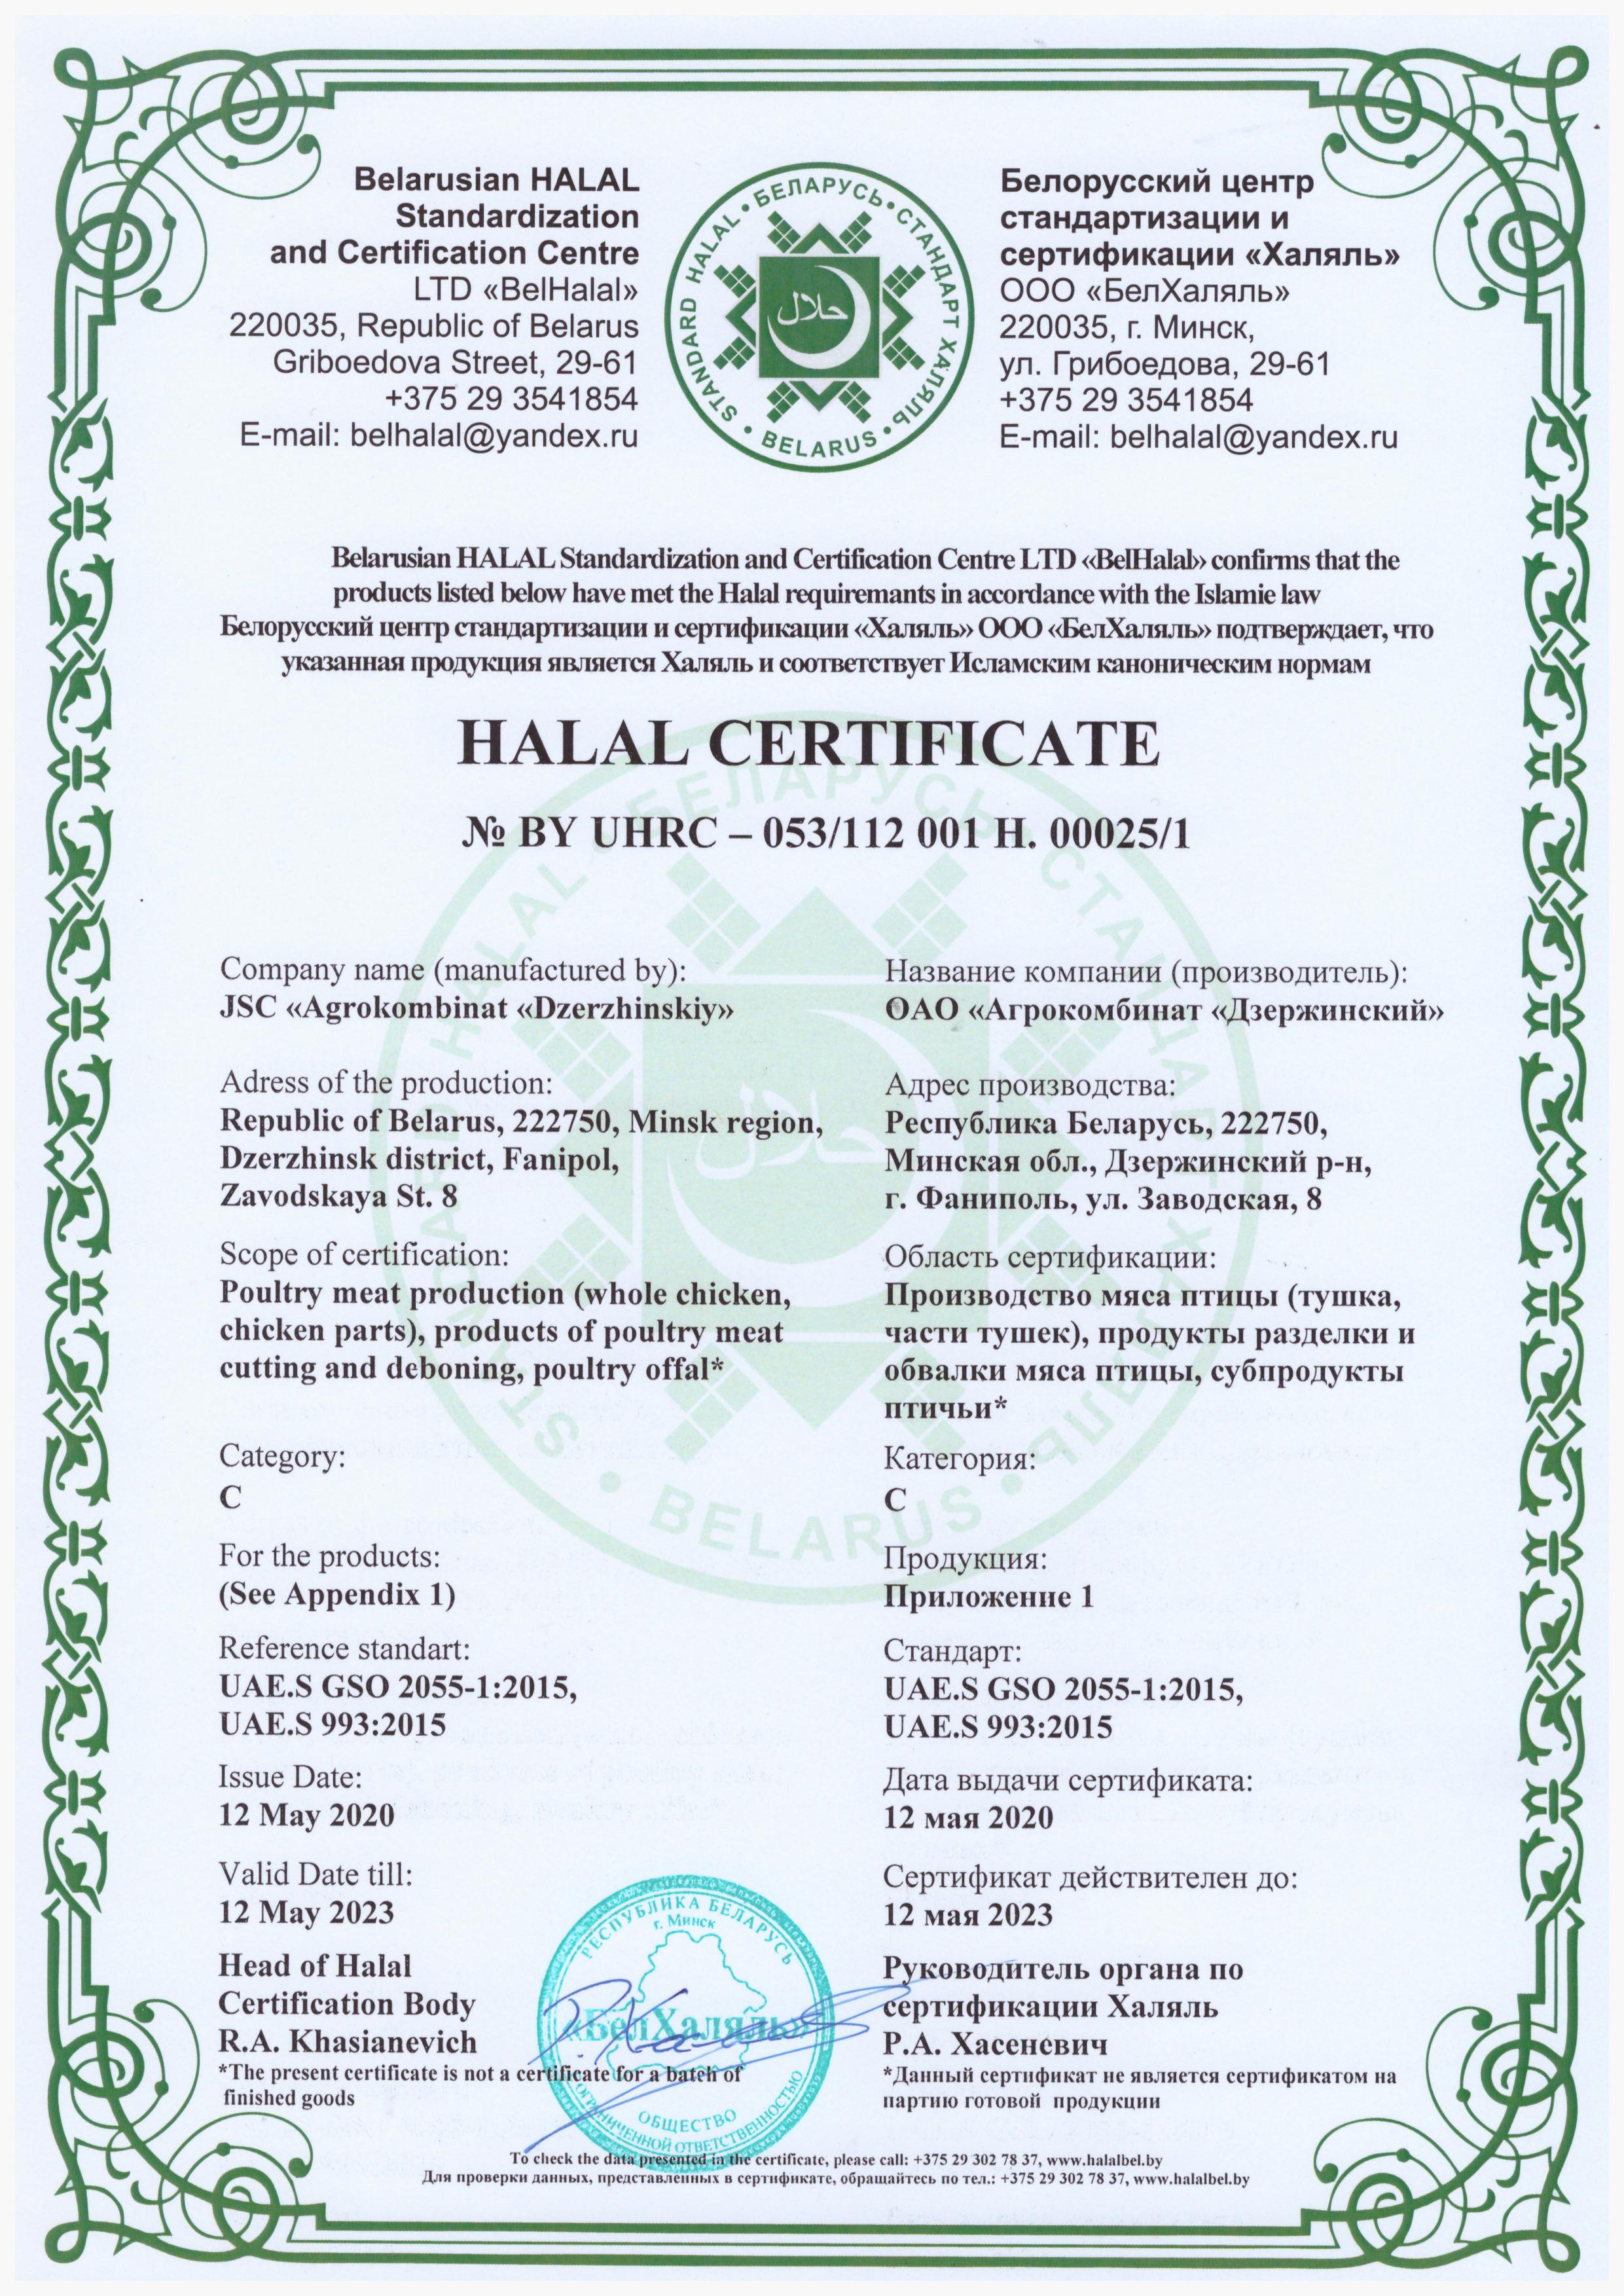 Впервые получен сертификат